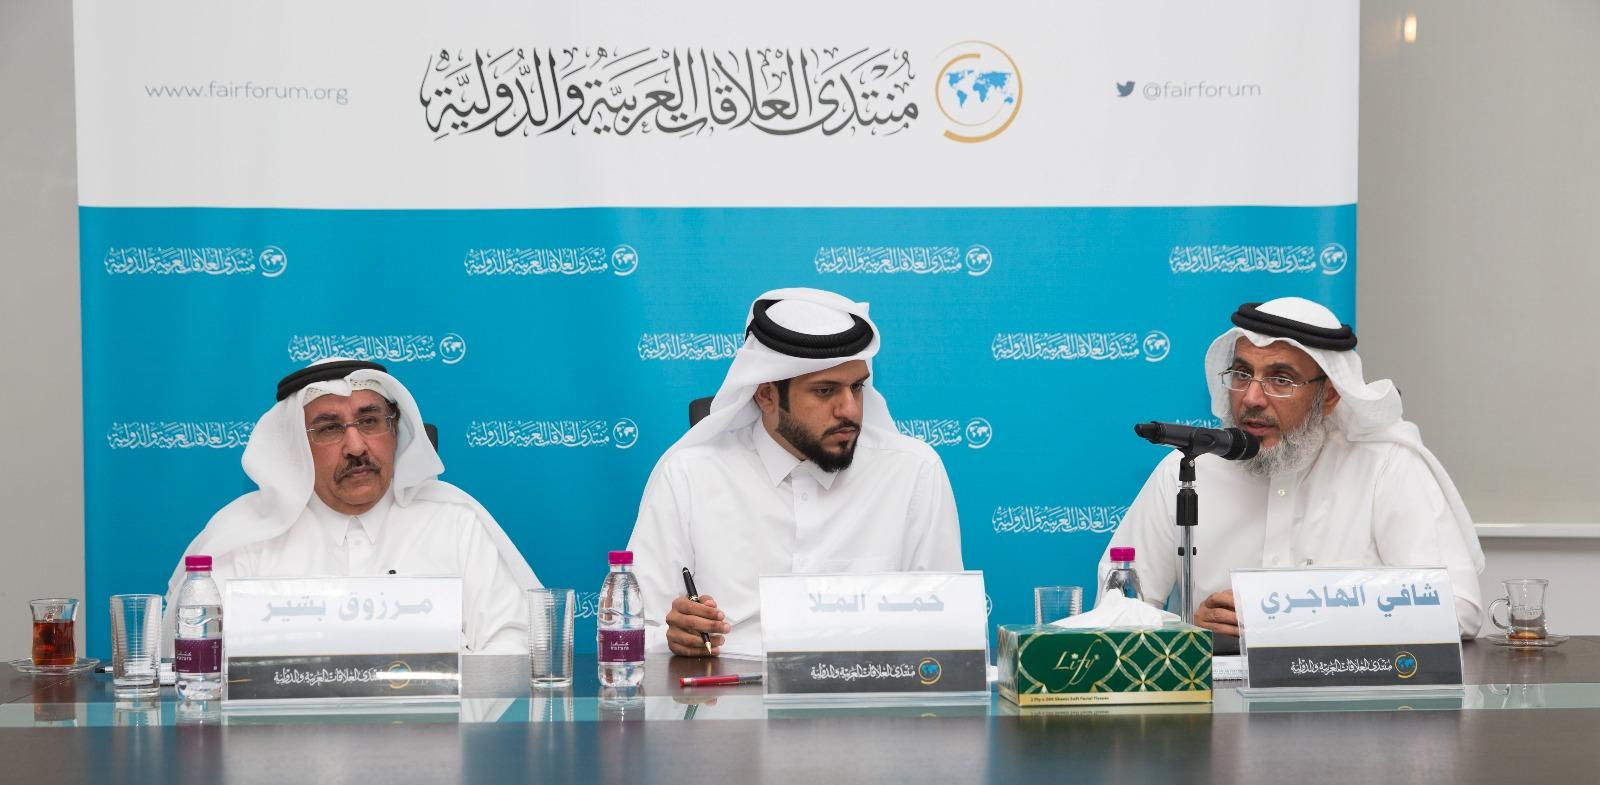 المسار الثقافي في قطر: تجربة مجلة الأمة والدوحة